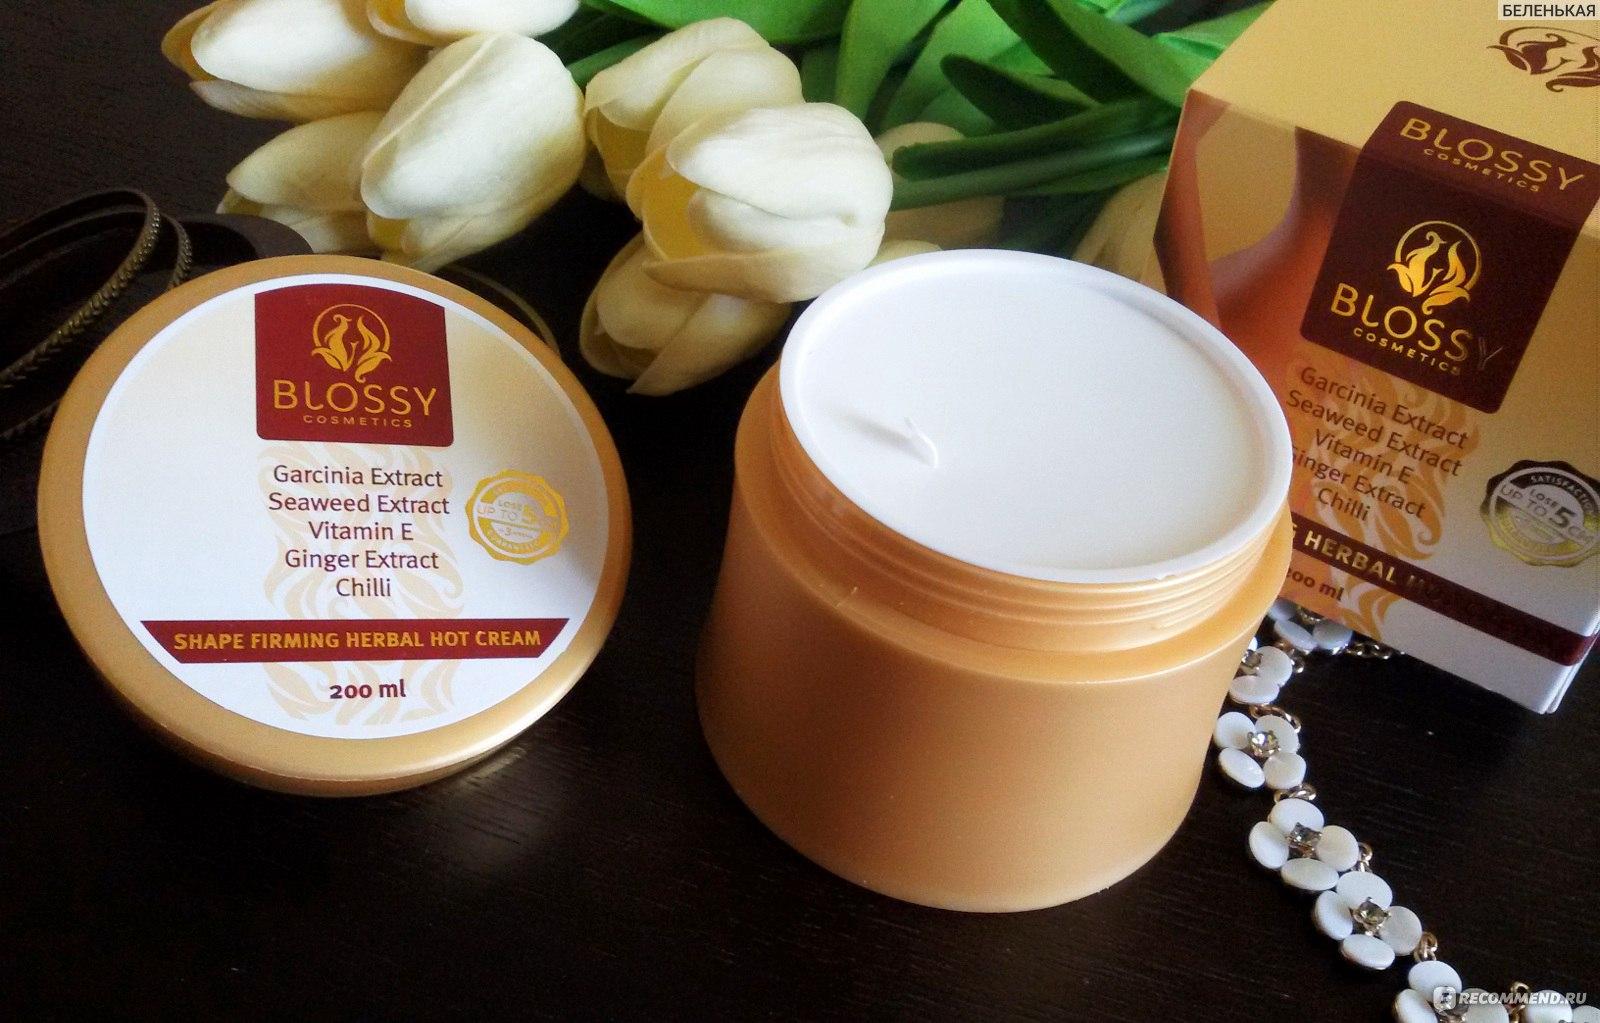 В формулу антицеллюлитного крема blossy входят такие компоненты как гарциния камбоджийская , имбирь, витамин е, экстракт глубоководных водорослей, коллаген , чили, а также вытяжки из лечебных тайских трав.